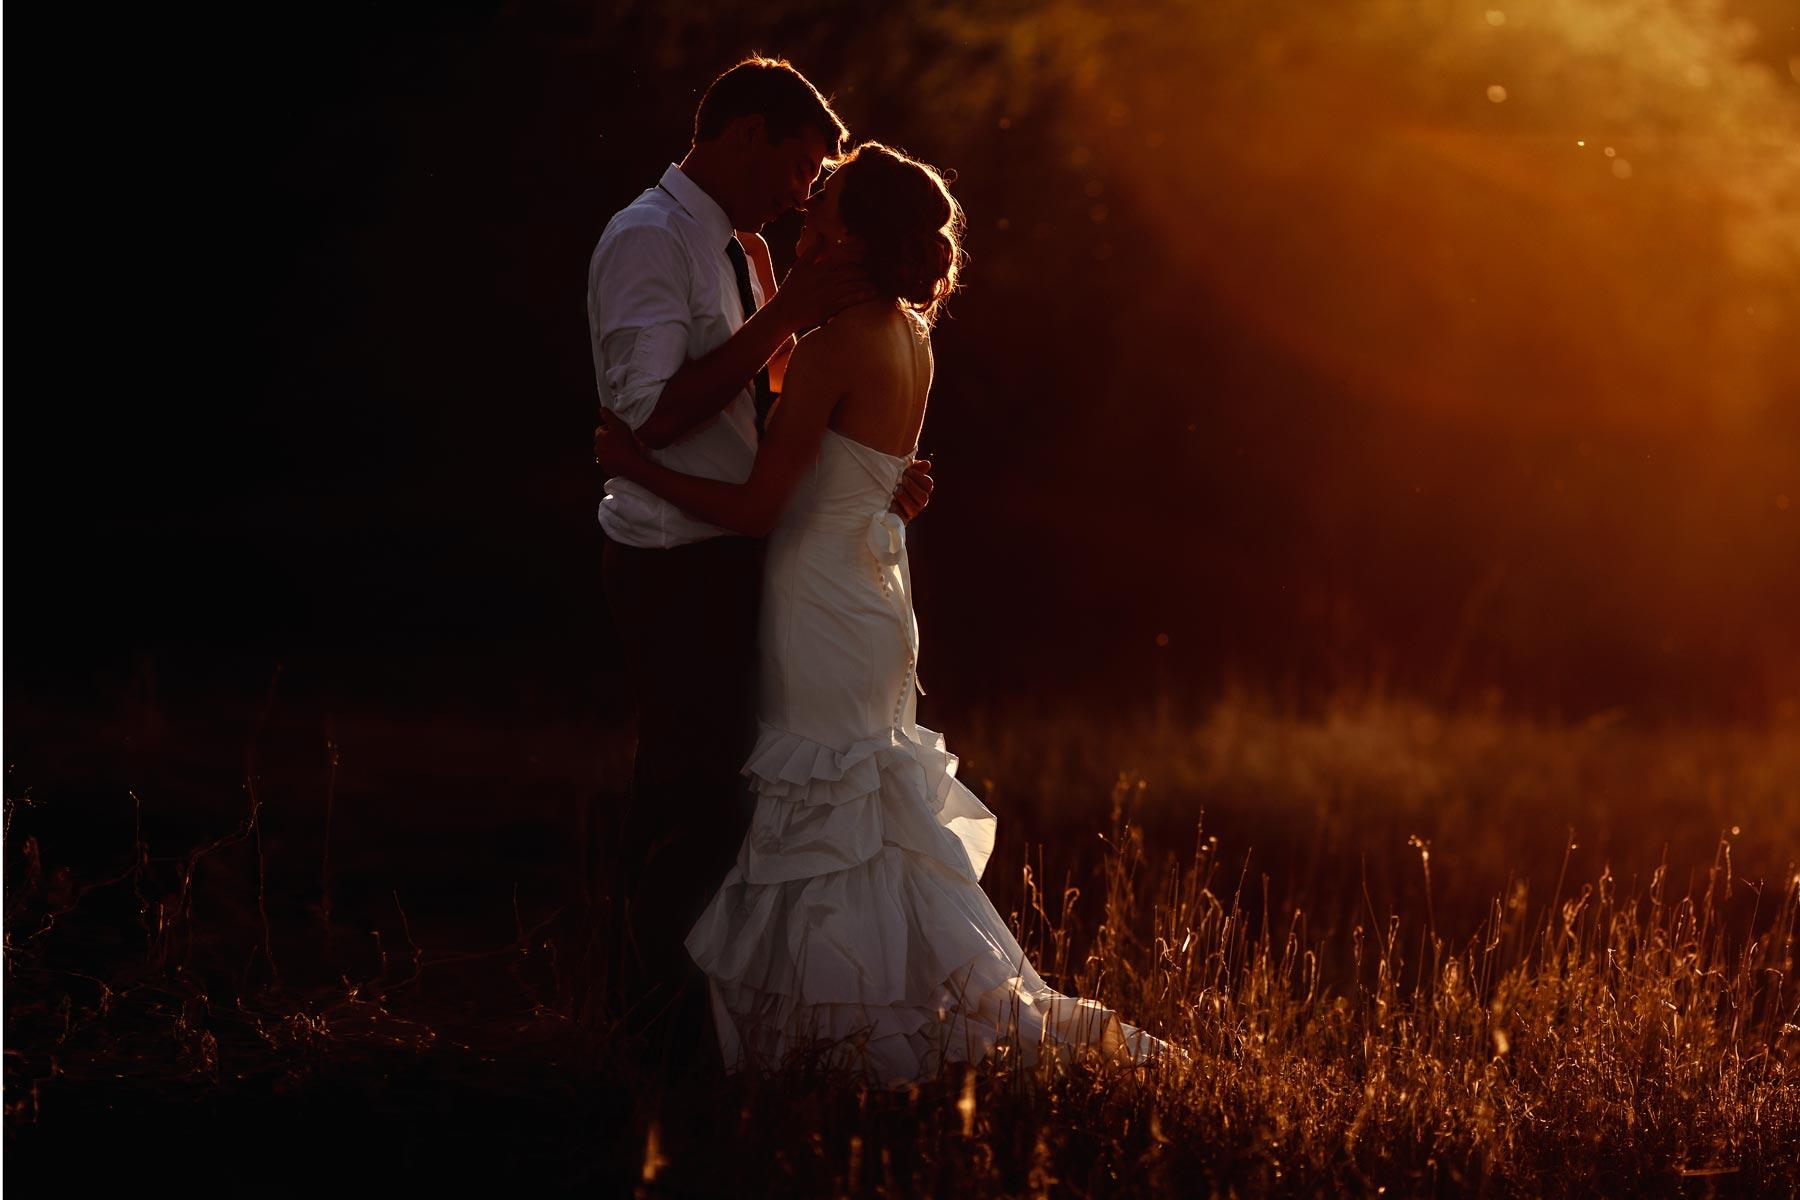 cecc2-colorado-wedding-photography-jason-gina1.jpg